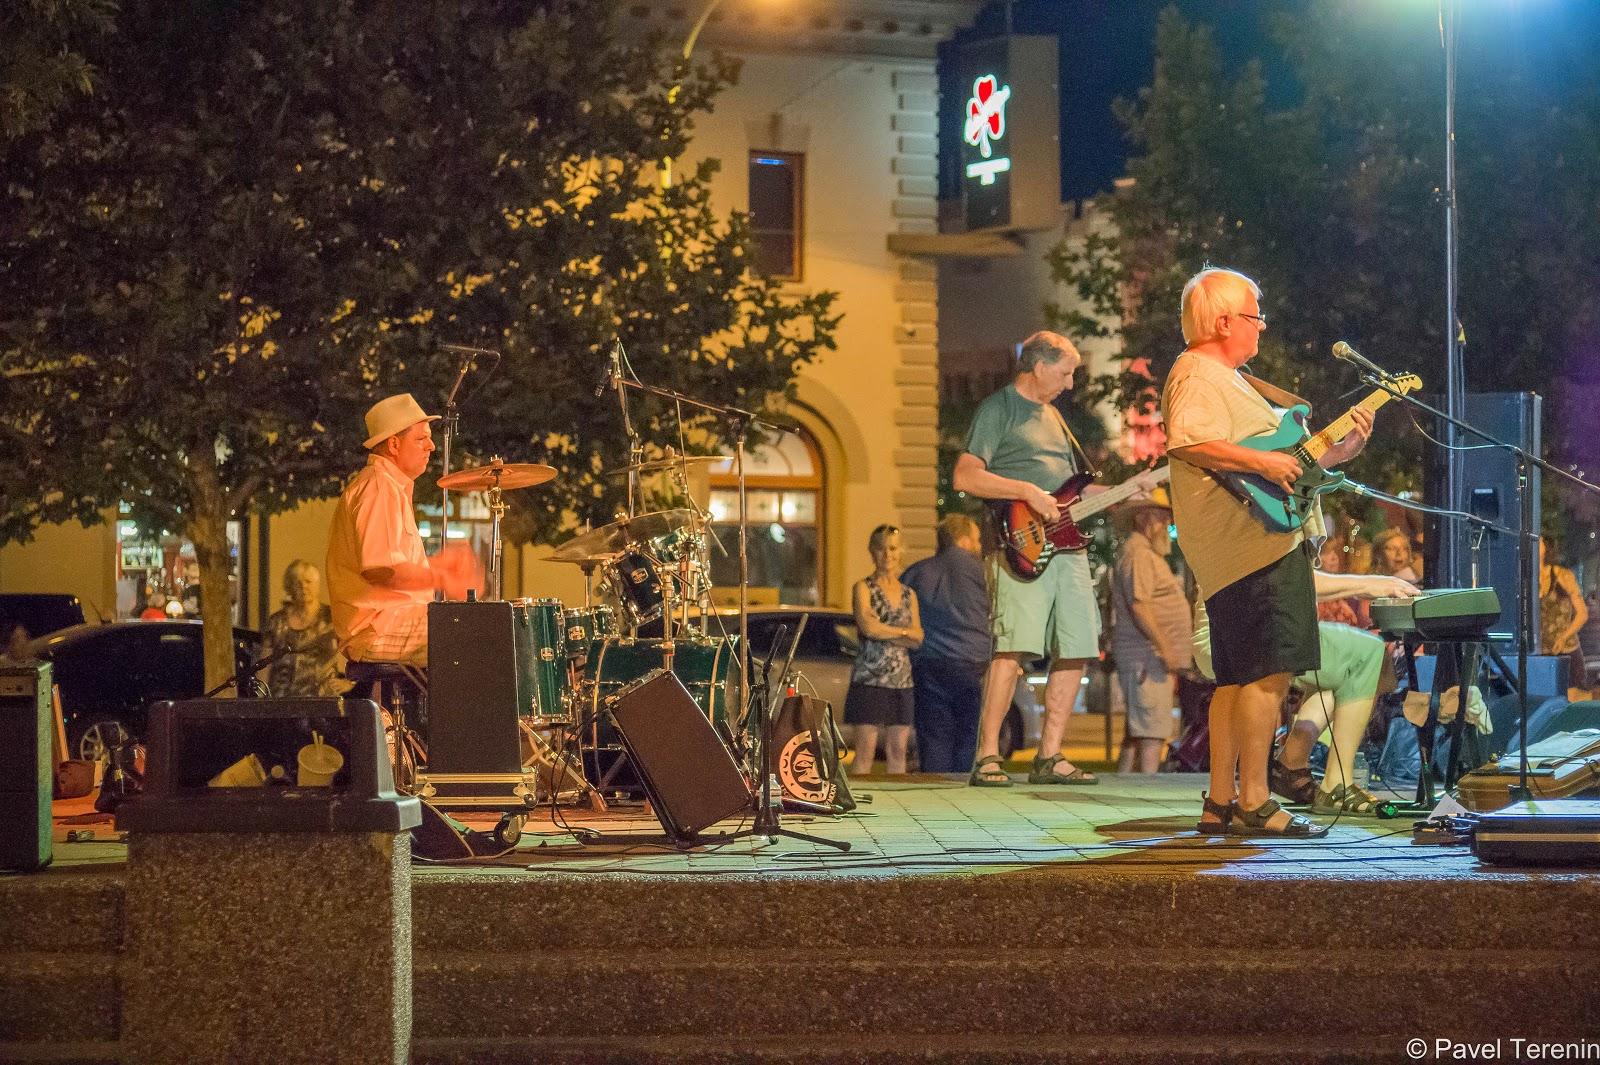 мы направились в центр набережной послушать живые концерты местных музыкантов.